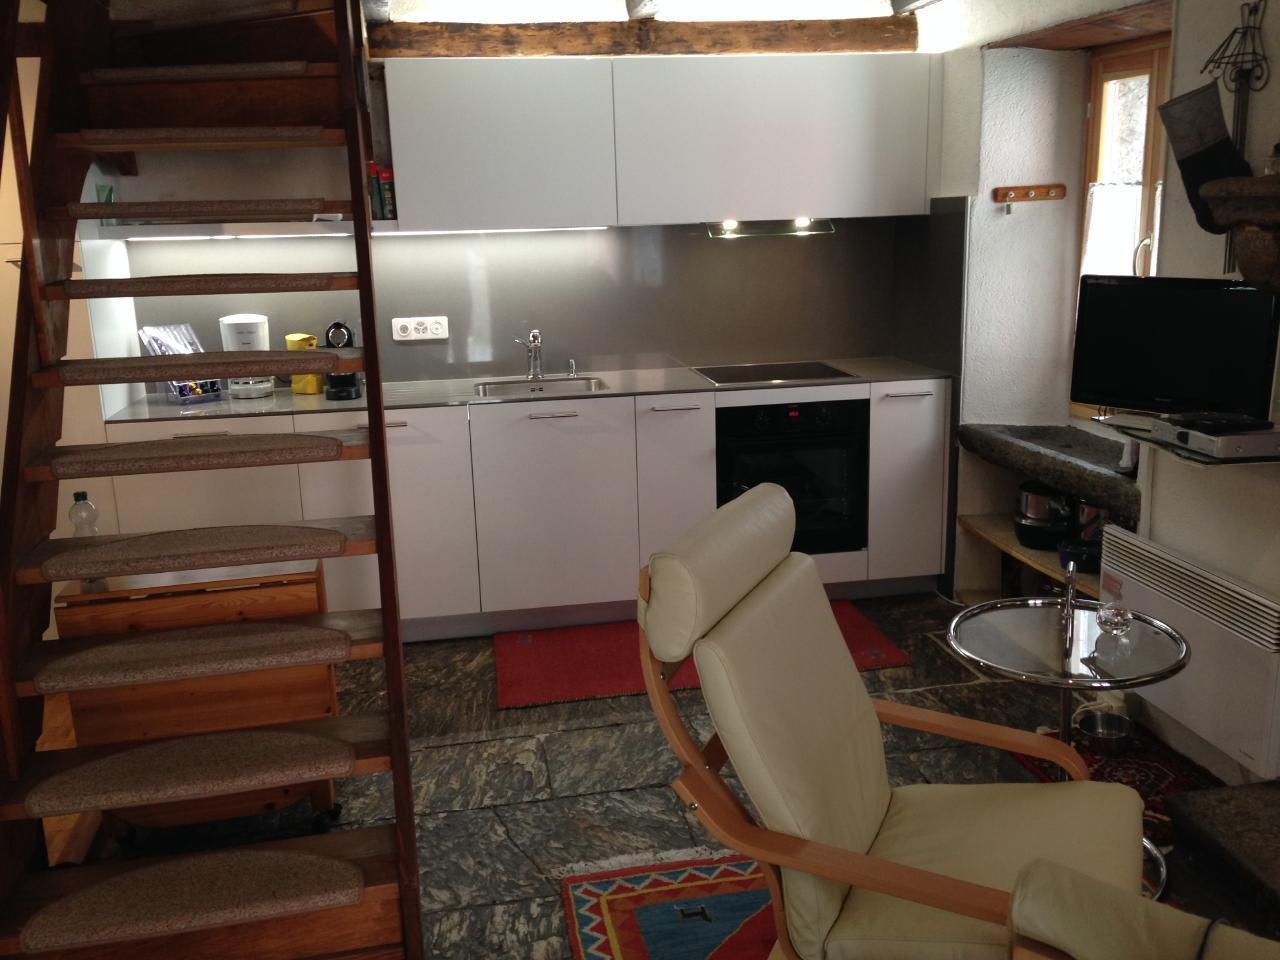 Maison de vacances Rustico im Dorfkern von Dongio (628705), Dongio, Vallée de Blenio, Tessin, Suisse, image 4